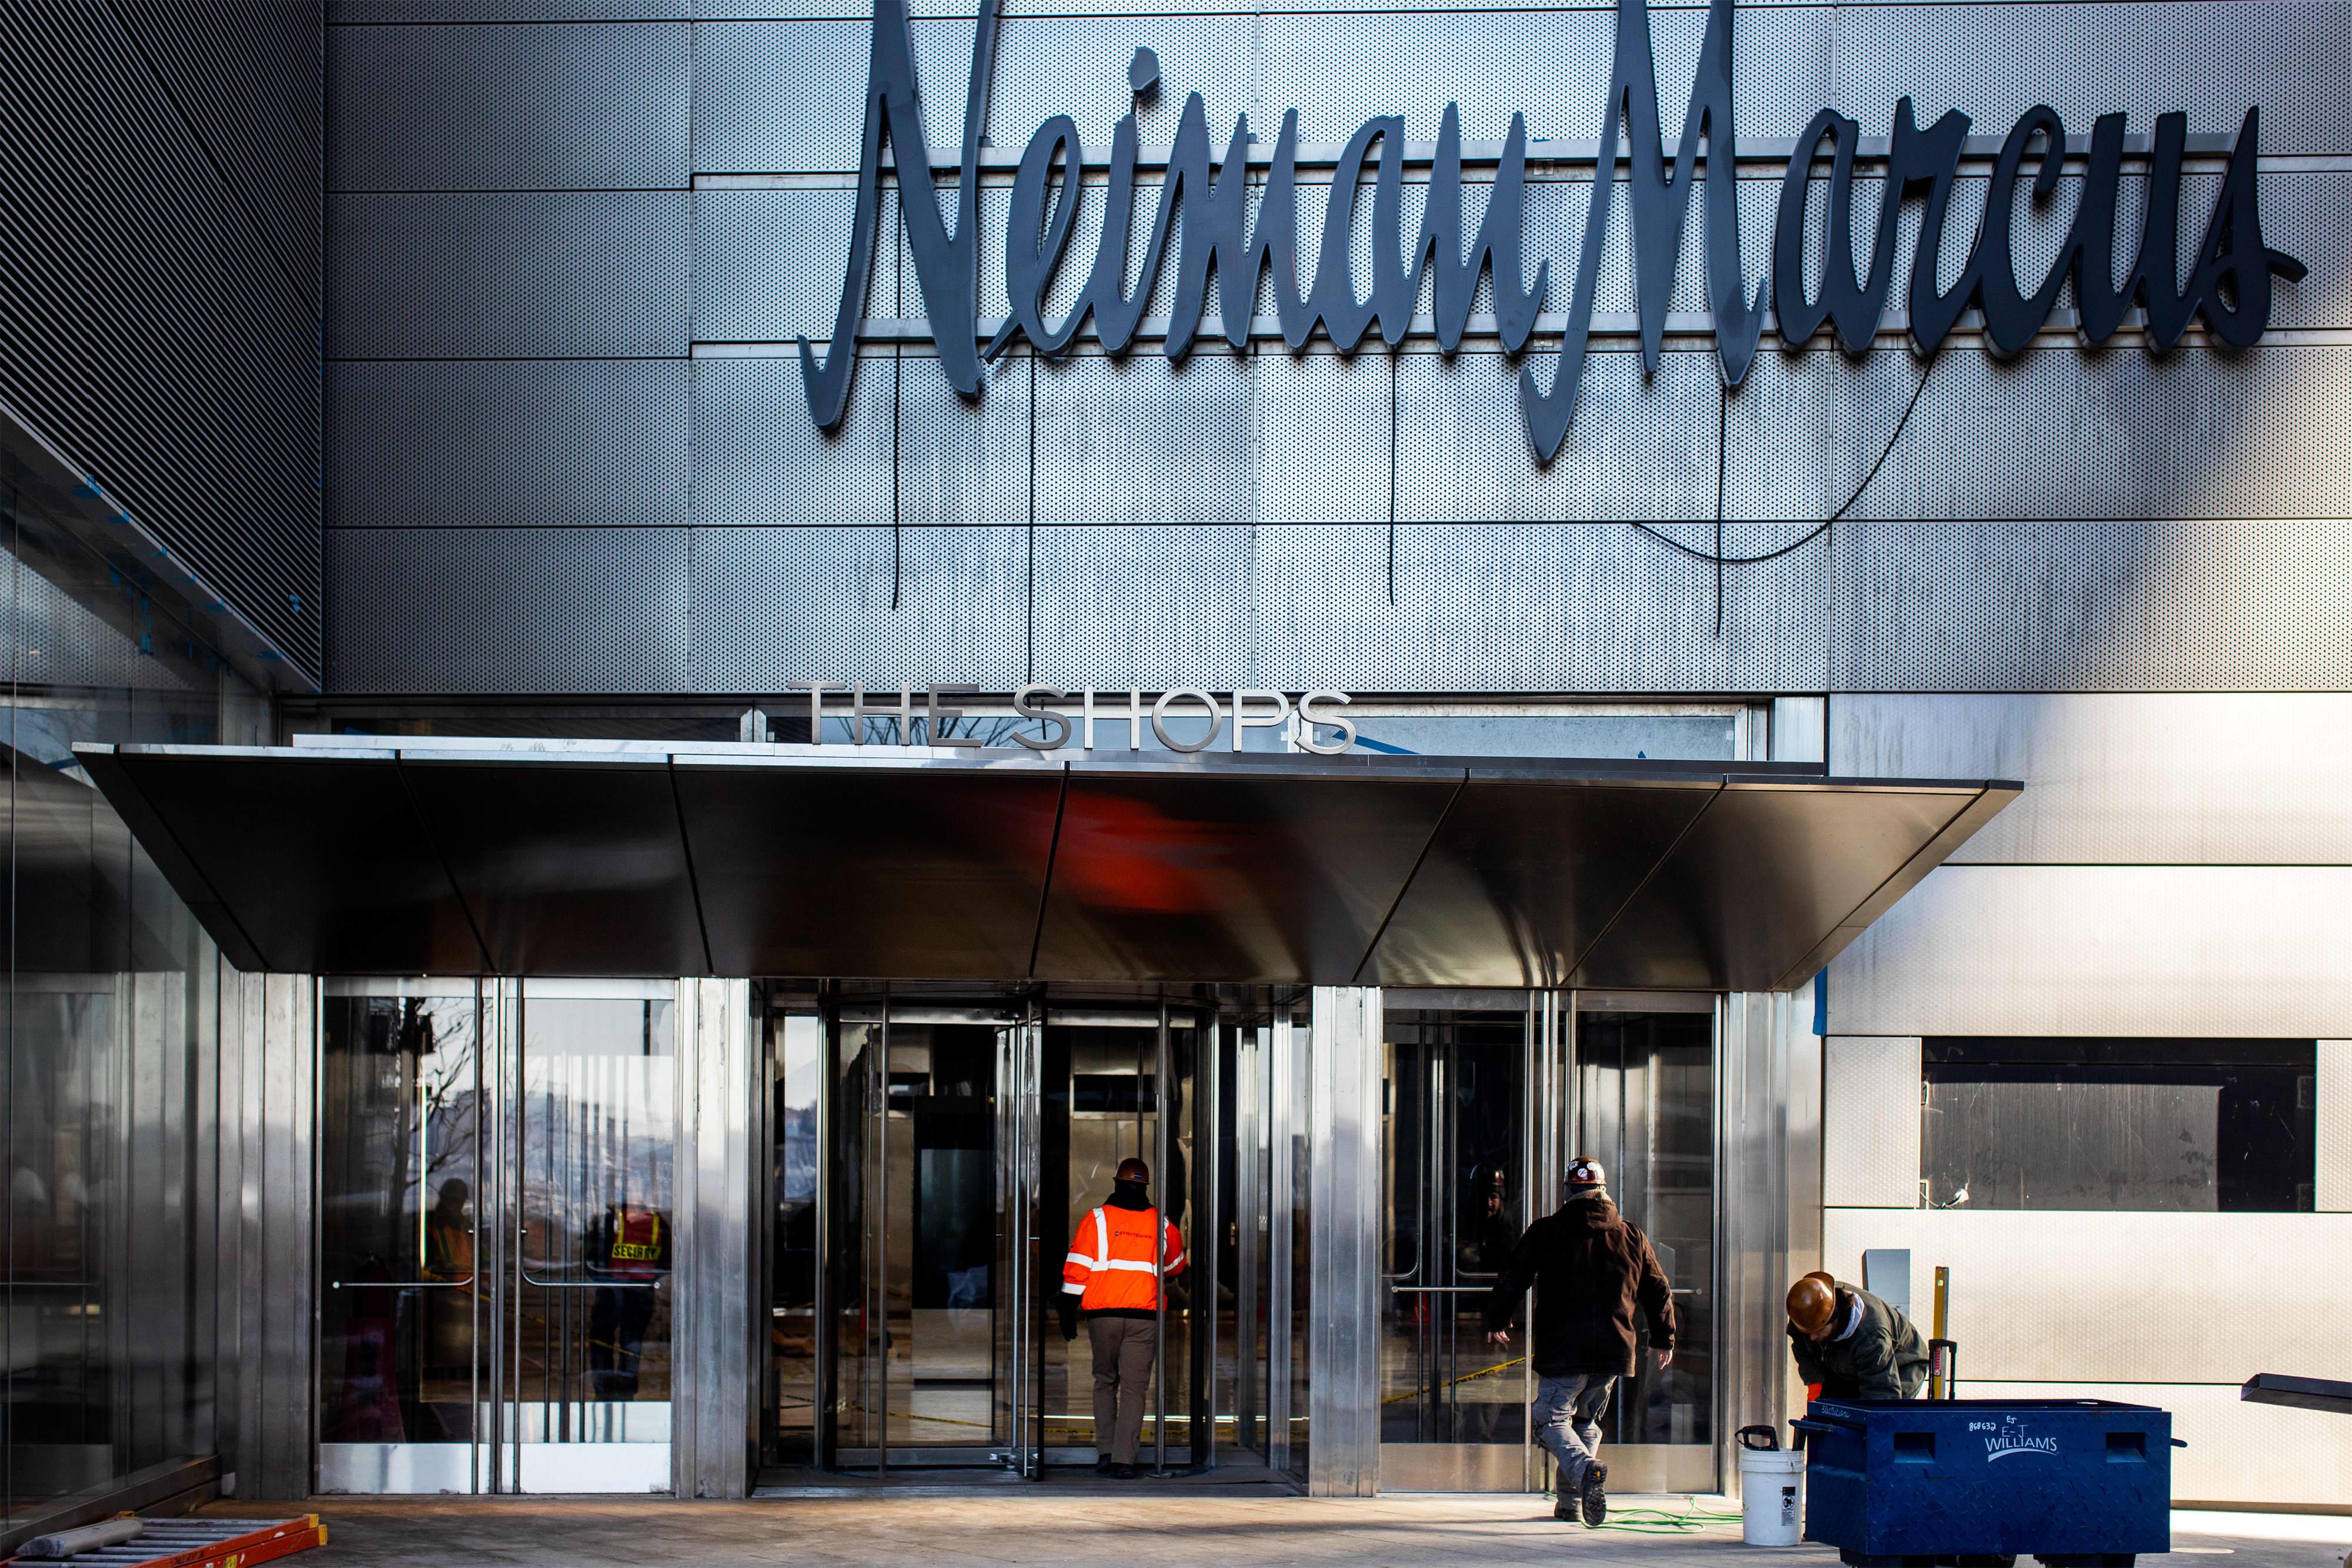 Neiman Marcus advances bankruptcy preparations, sources say